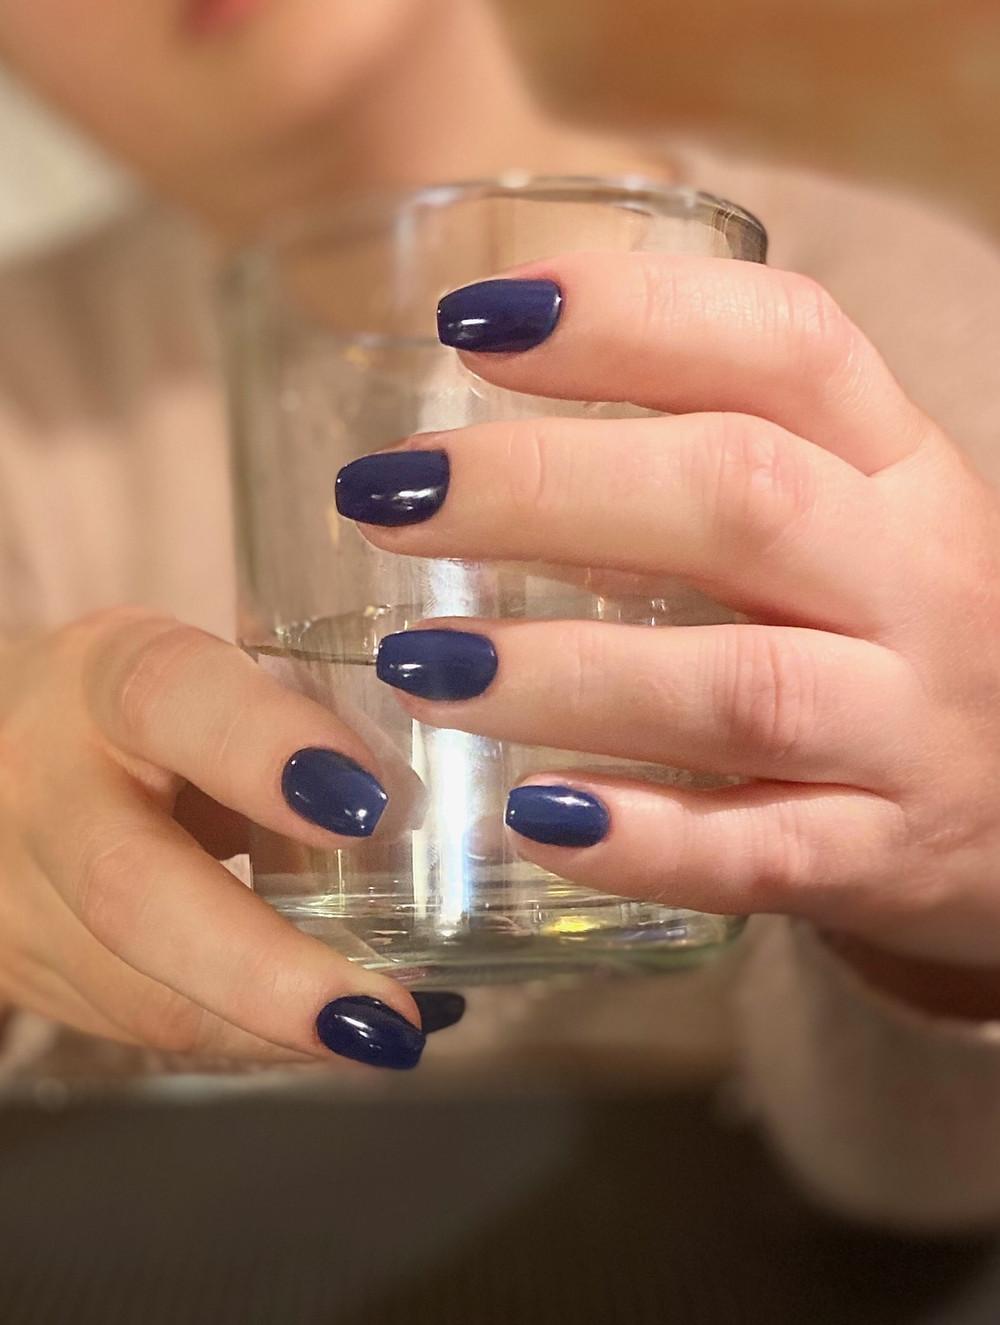 Nouveaux gel pour des ongles en gels très naturels, plus fins et plus solide